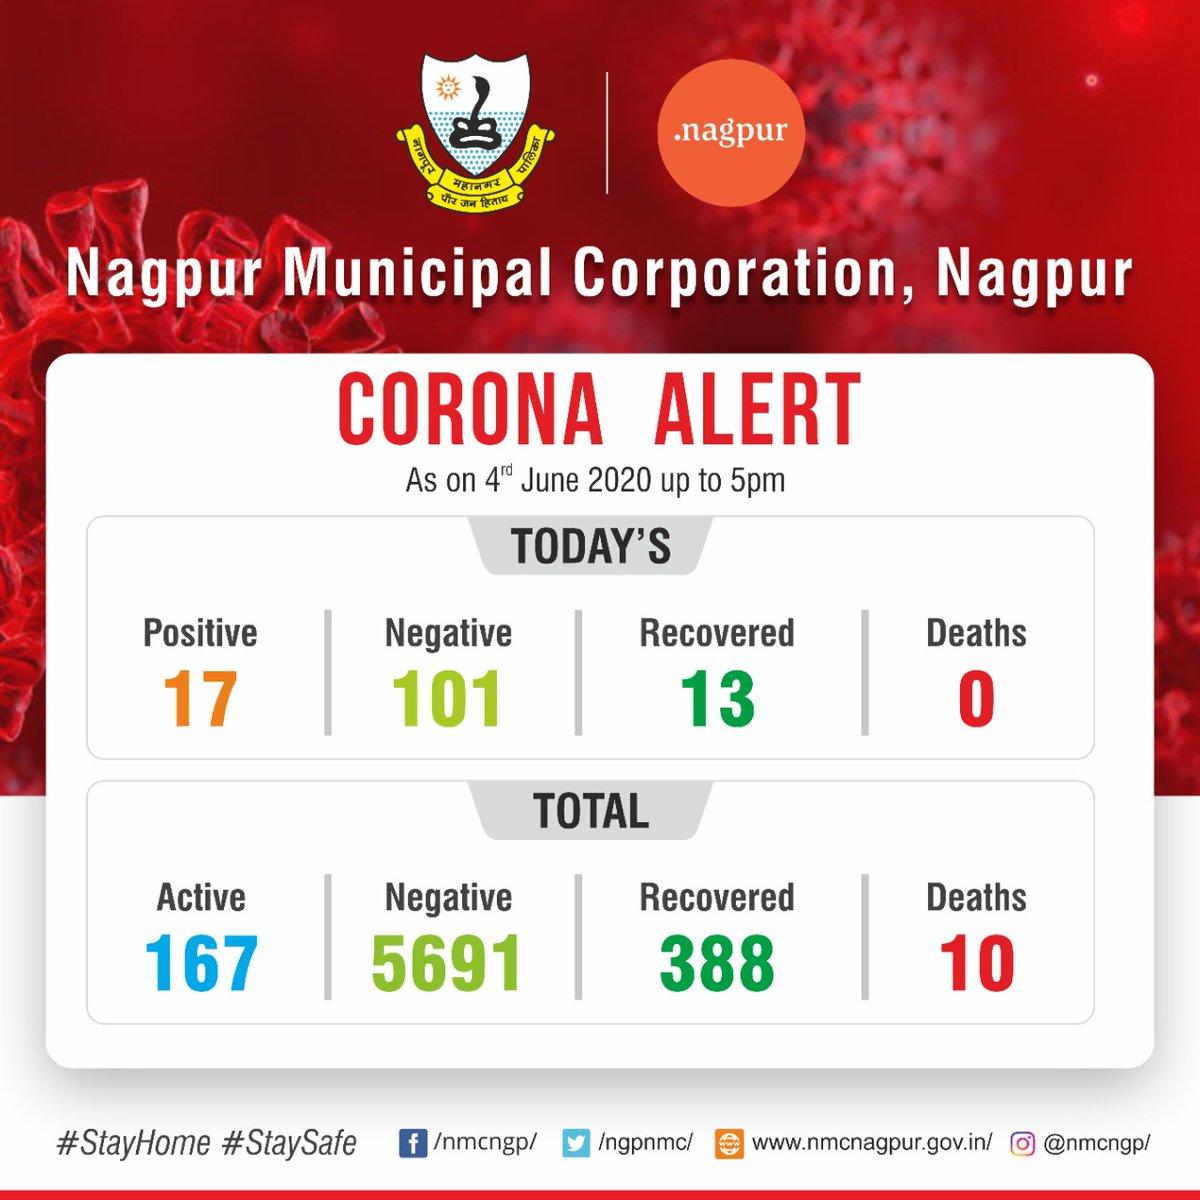 NMC #Covid_19 alert: total status update of the COVID19 cases as on 04 June 2020 #CoronaUpdatesInIndia #WarAgainstVirus #IndiaFightsCoronavirus https://t.co/nZmsI0rV0r